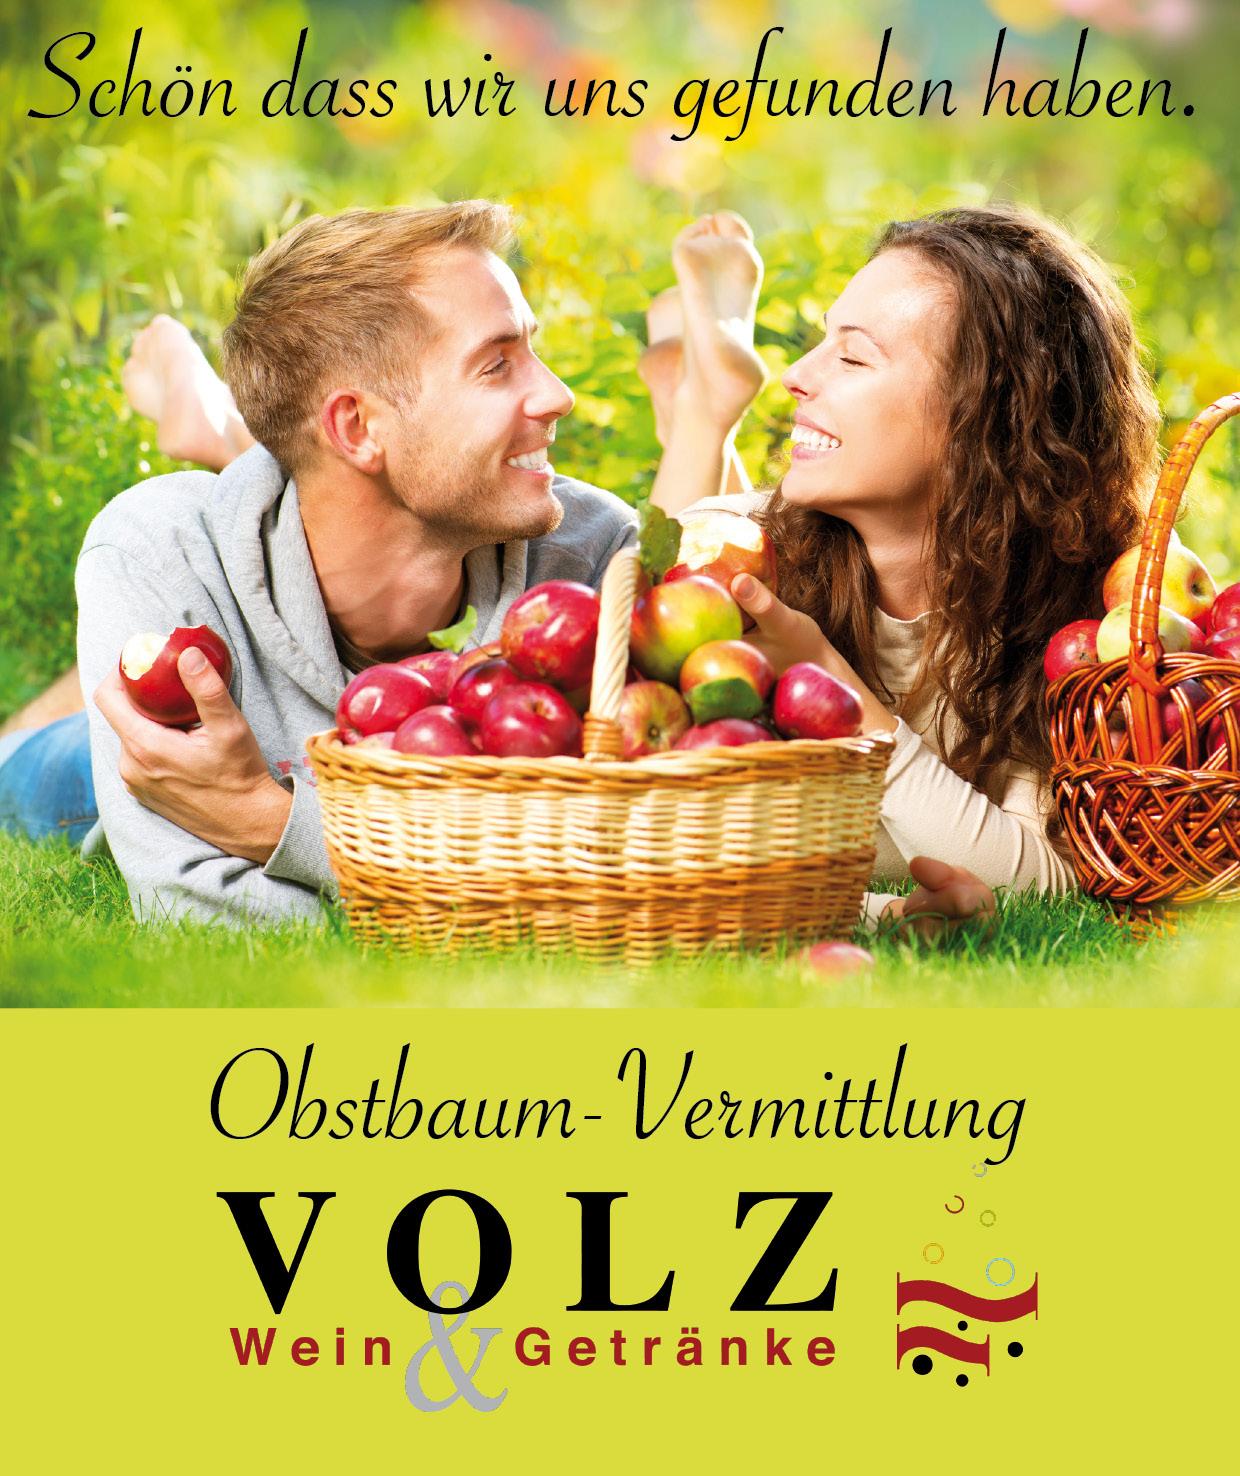 remsgalerie | Getränke Volz, Ostfildern